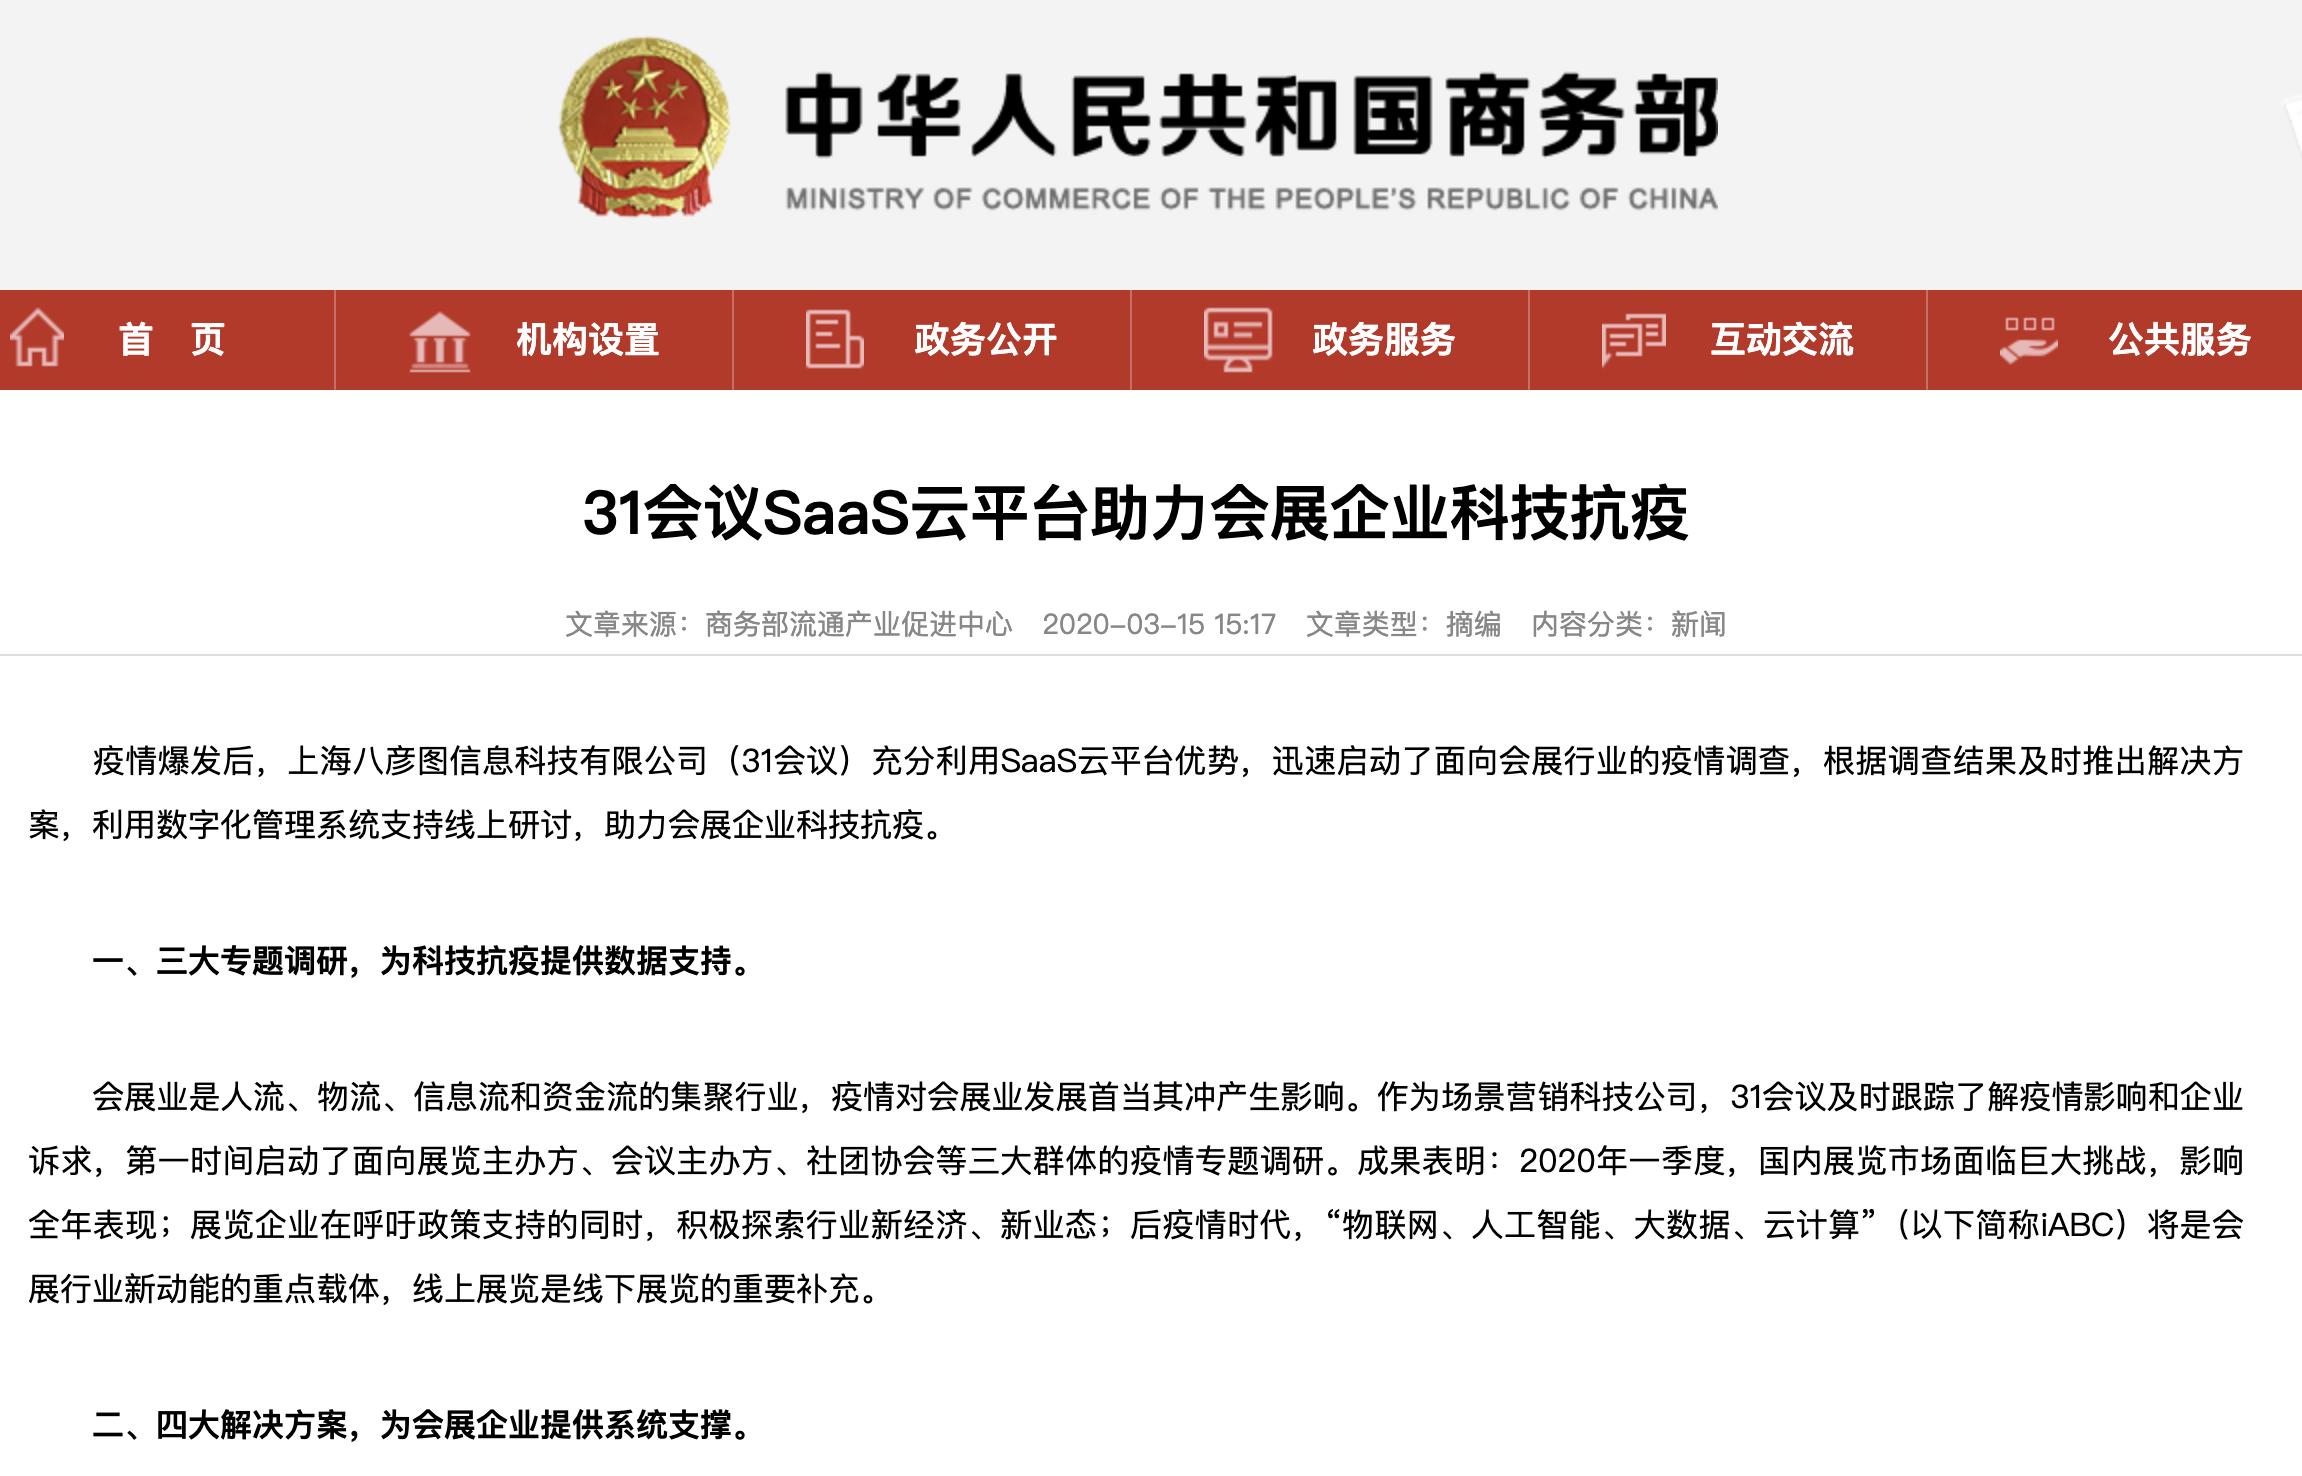 中华人民共和国商务部:31会议SaaS云平台助力会展企业科技抗疫